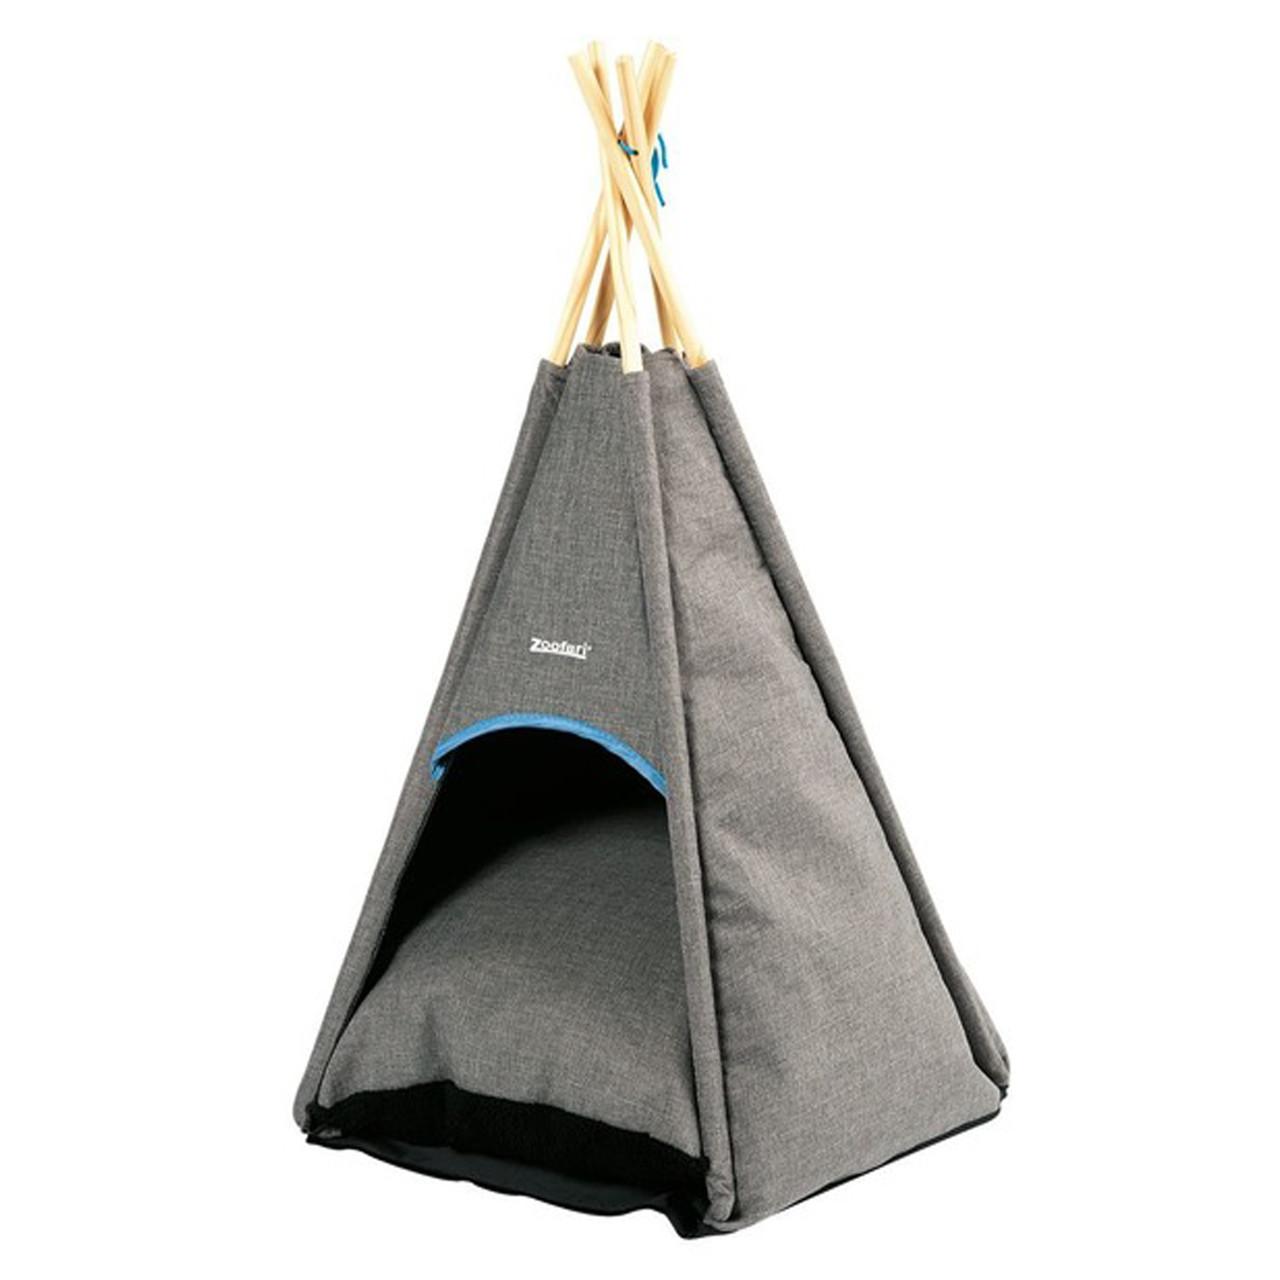 Лежак в форме шалаша для животных Zoofari 640